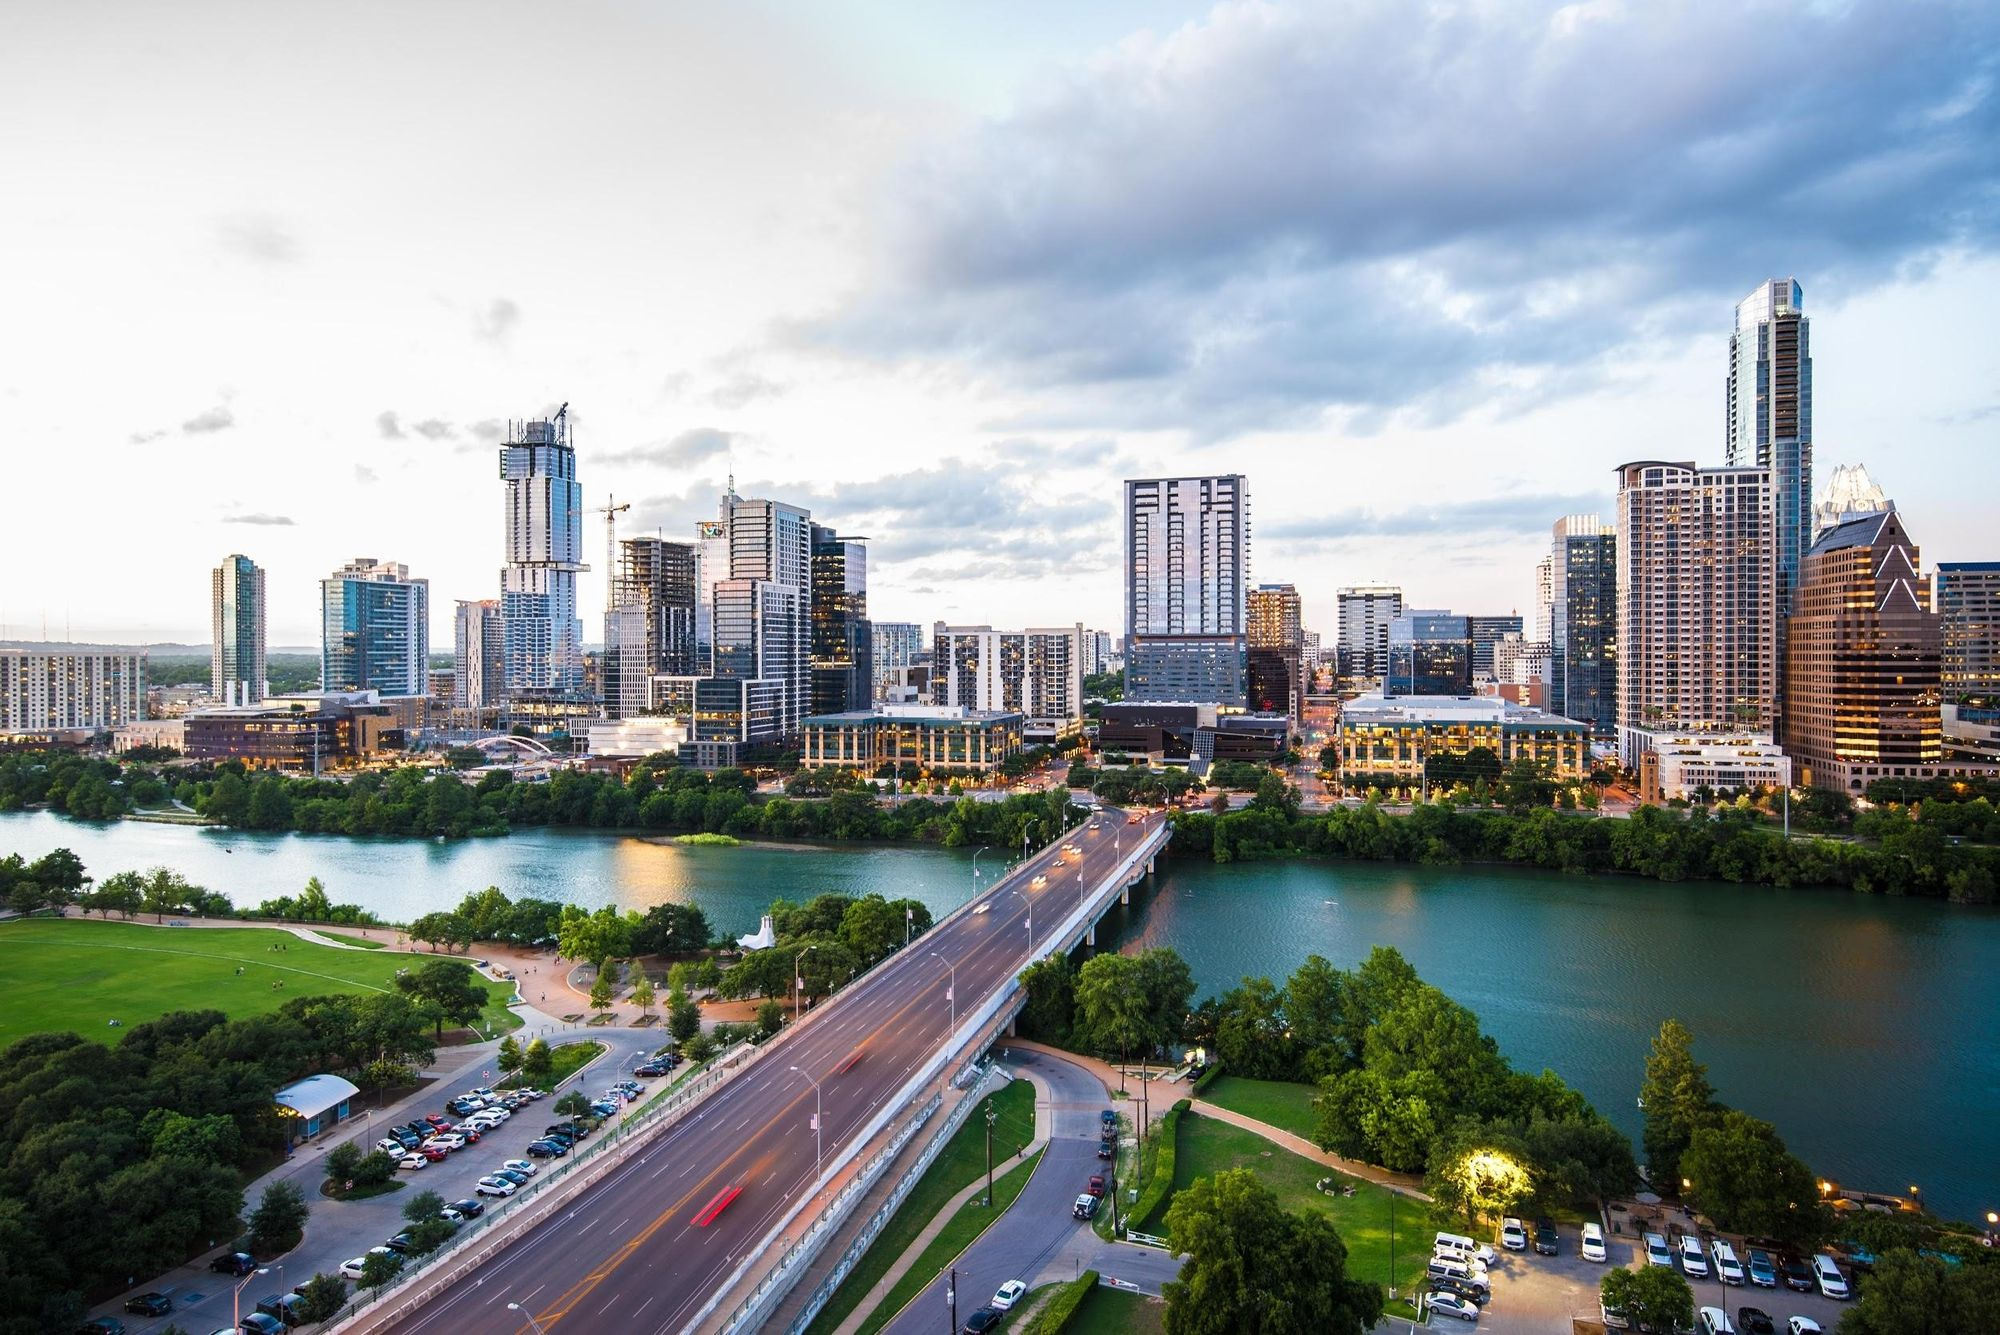 Best Outdoor Activities near Houston, Texas